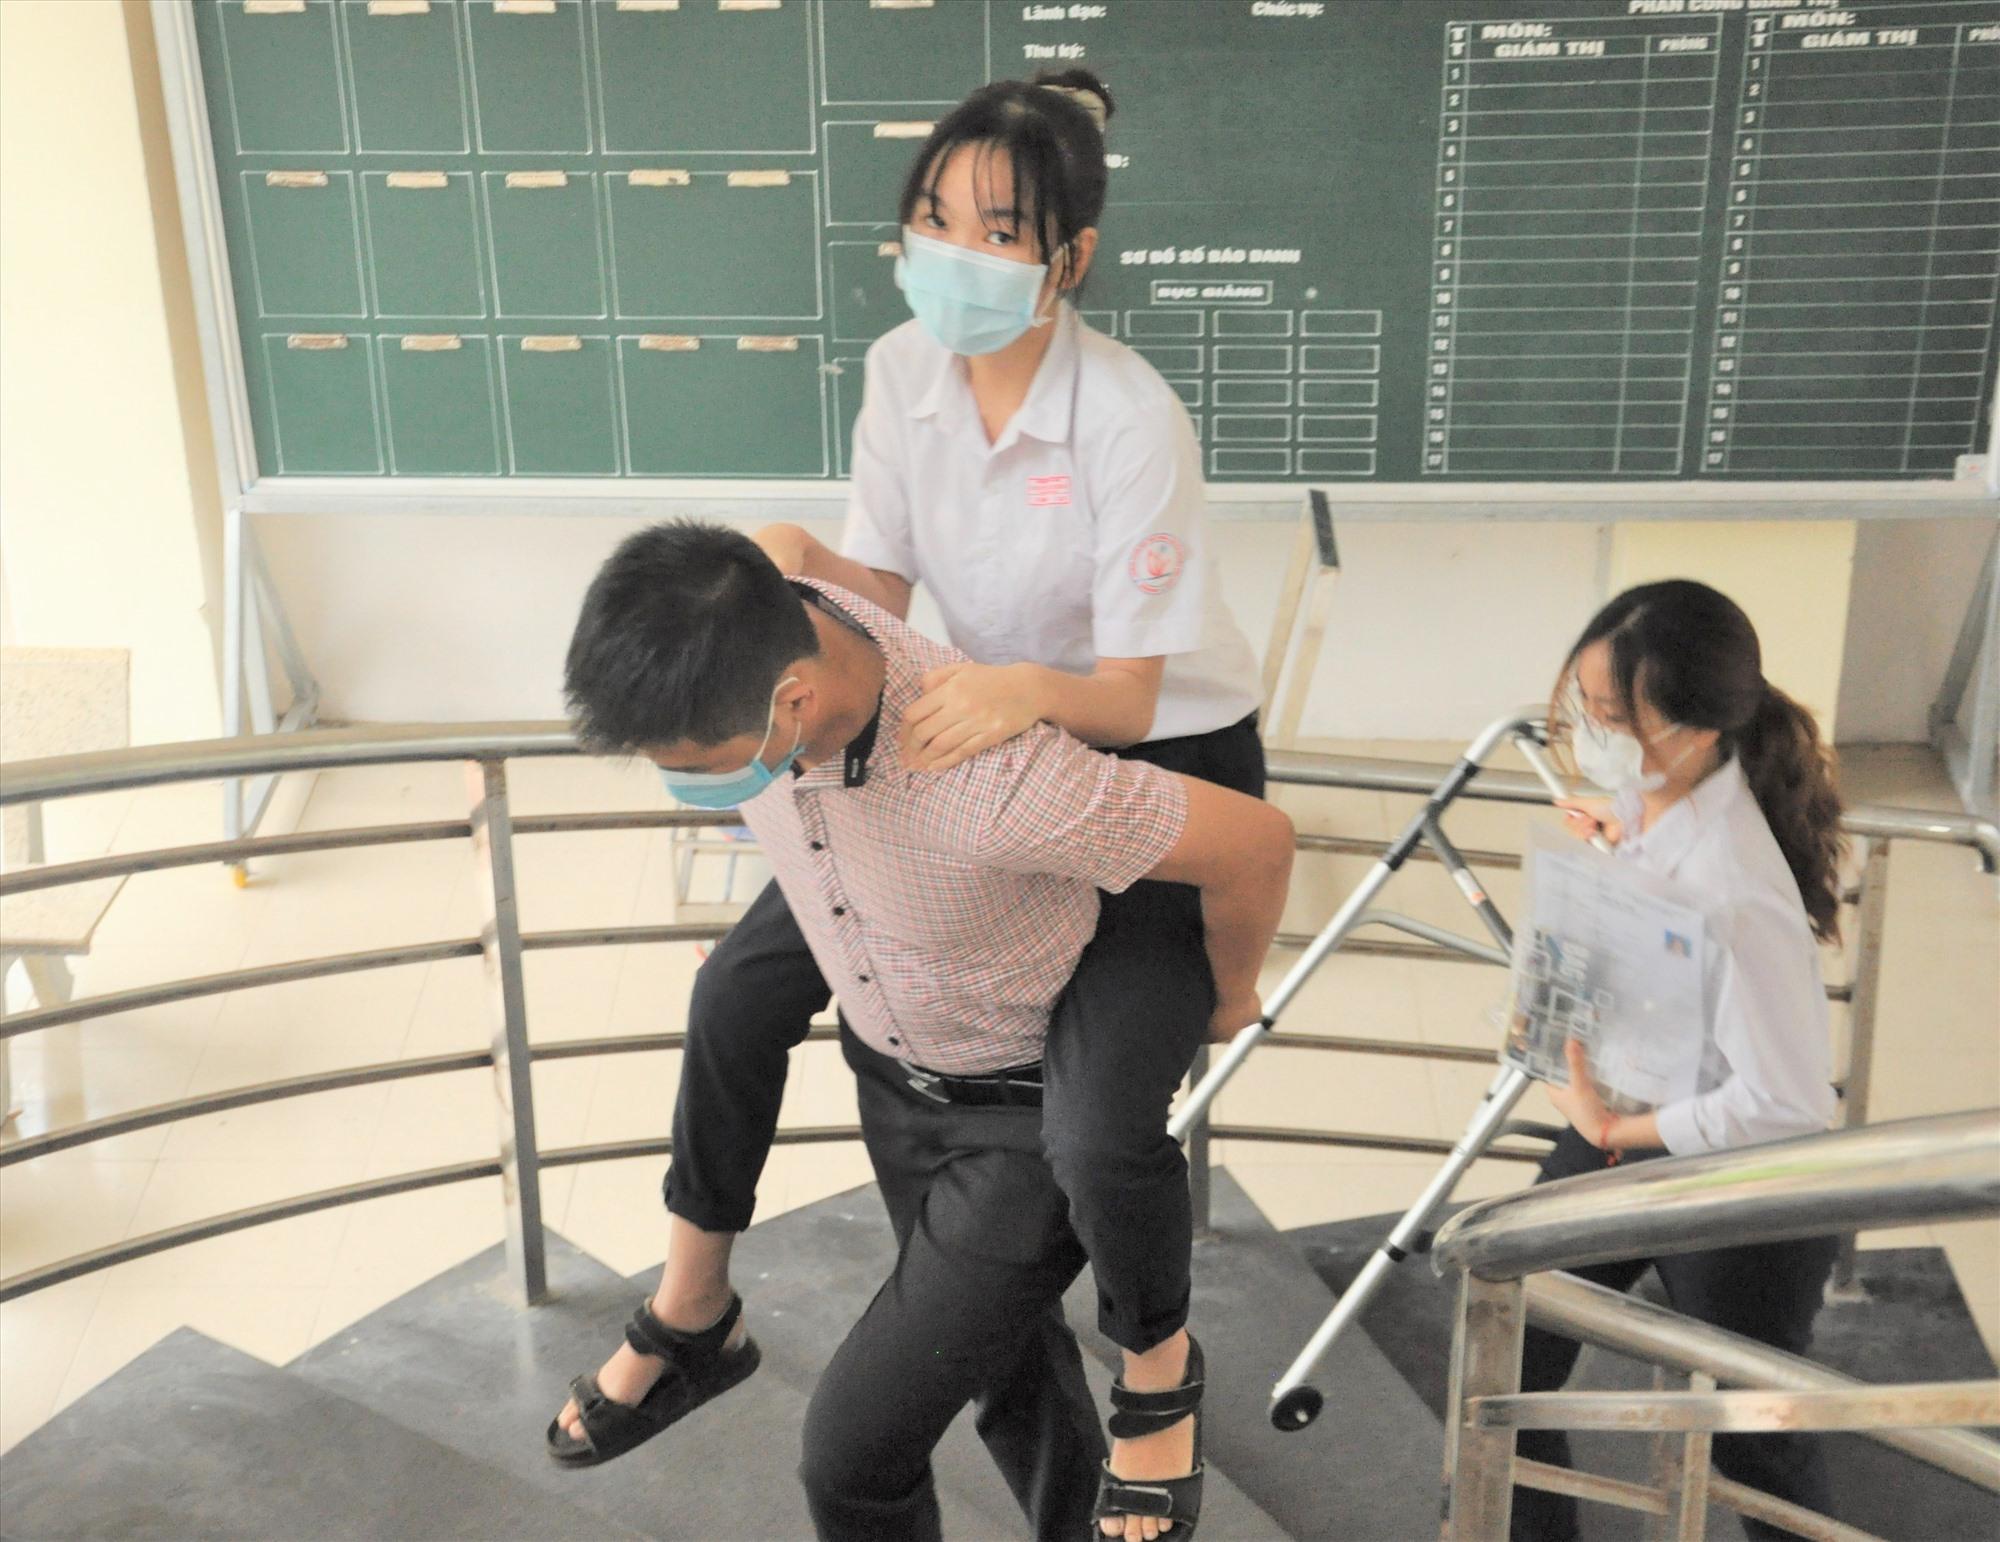 Thí sinh Lê Thị Bình Thạnh, học sinh lớp chuyên Văn Trường THPT chuyên Nguyễn Bỉnh Khiêm bị tai nạn giao thông gãy chân được một cán bộ làm công tác thi cõng lên phòng thi nơi tầng 2. Ảnh: X.P